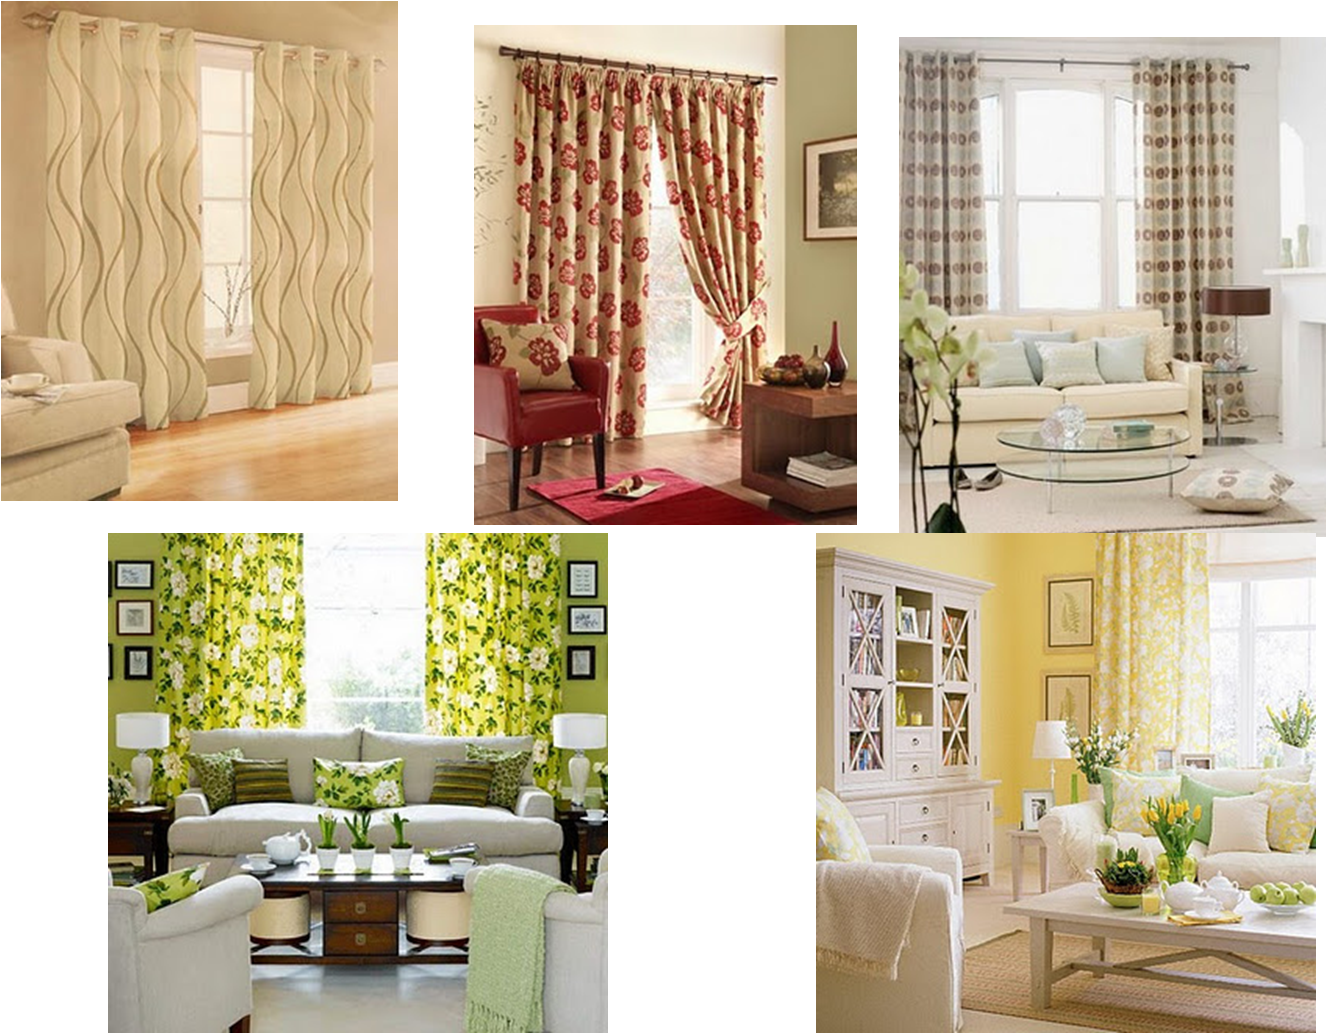 cortinas estampadas para salas modernas mis sillones On cortinas estampadas modernas